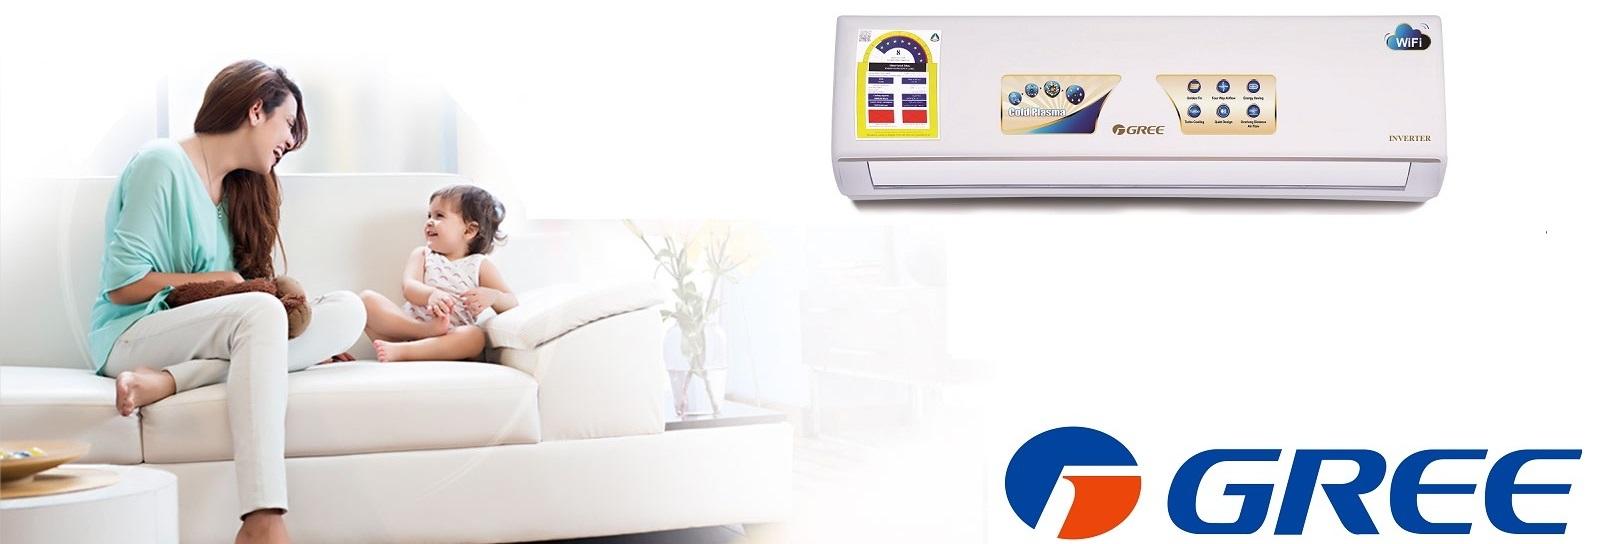 Gree Mini Split Inverter AC 18000 BTU, R410A, Cooling, WiFi